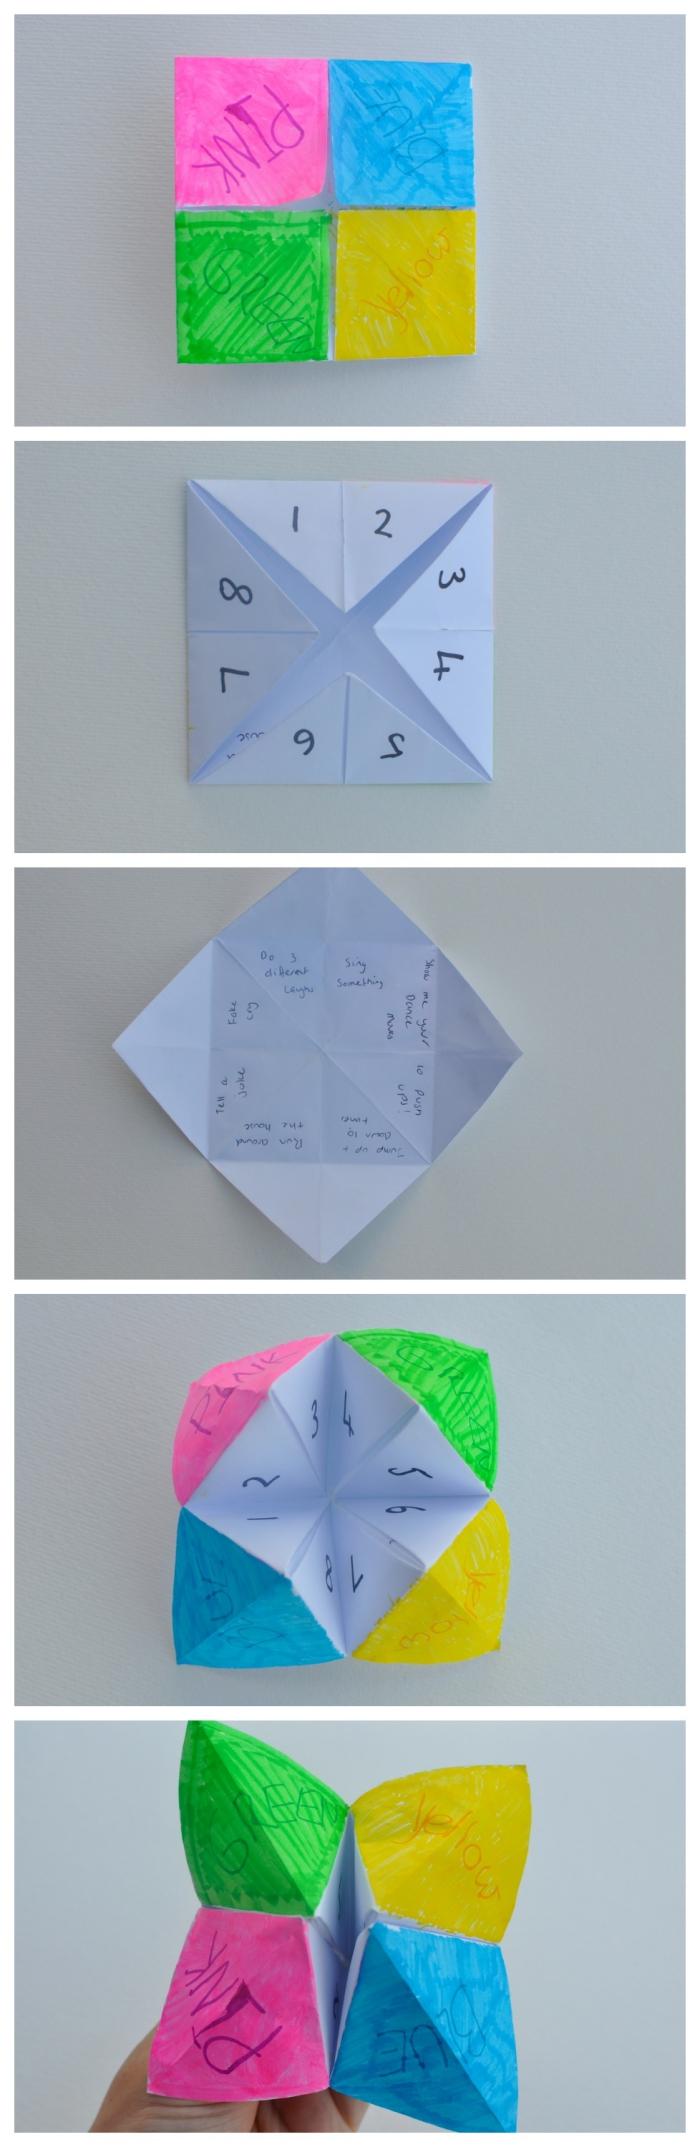 tuto pour réaliser une cocotte origami multicolore pour jouer ensuite le diseur de bonne aventure, idée d'une activité origami originale pour amuser les enfants